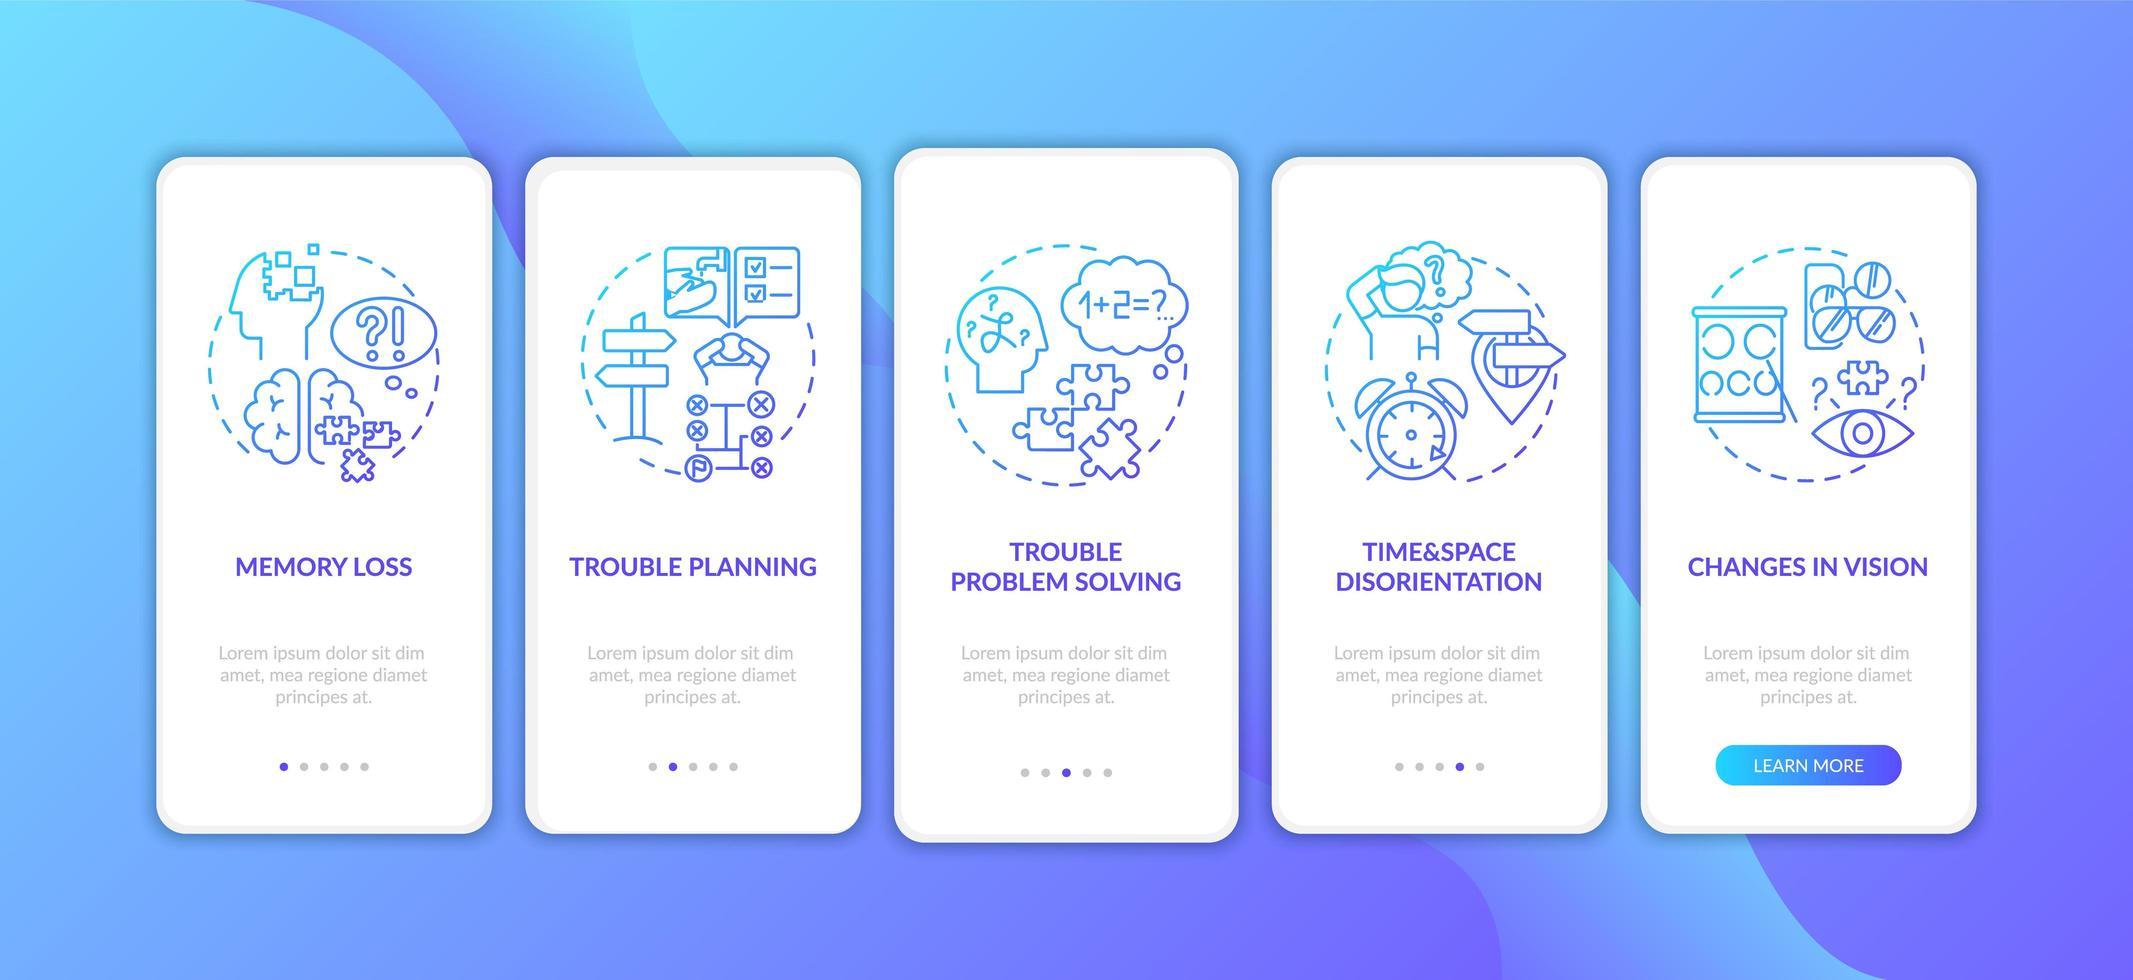 premiers signes de démence écran de la page de l'application mobile d'intégration de gradient bleu avec des concepts vecteur